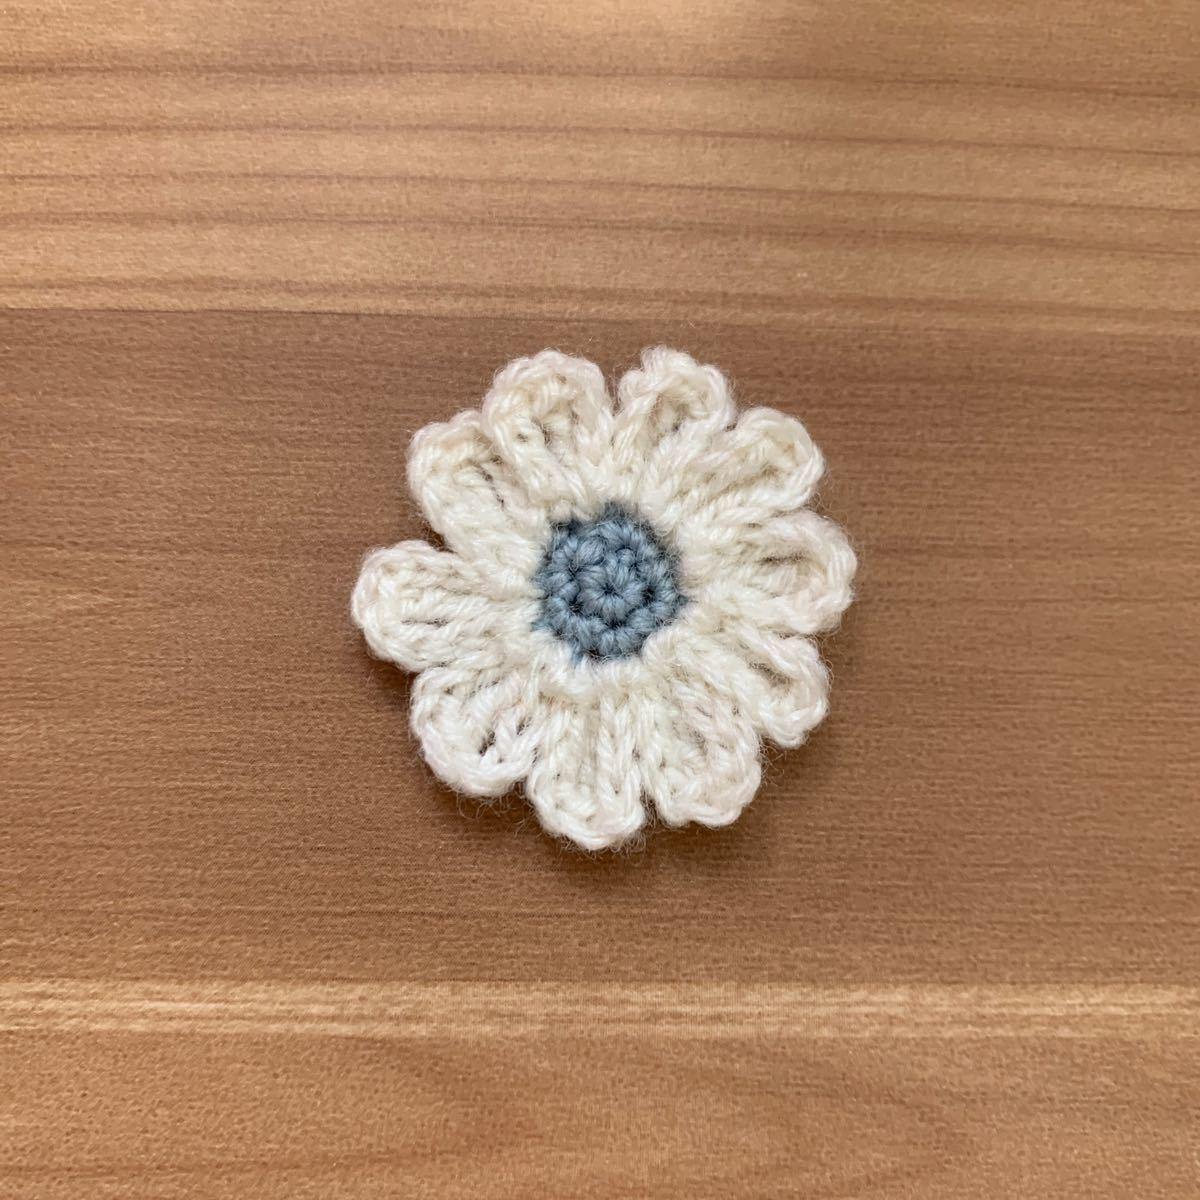 ハンドメイド かぎ針編み モチーフセット